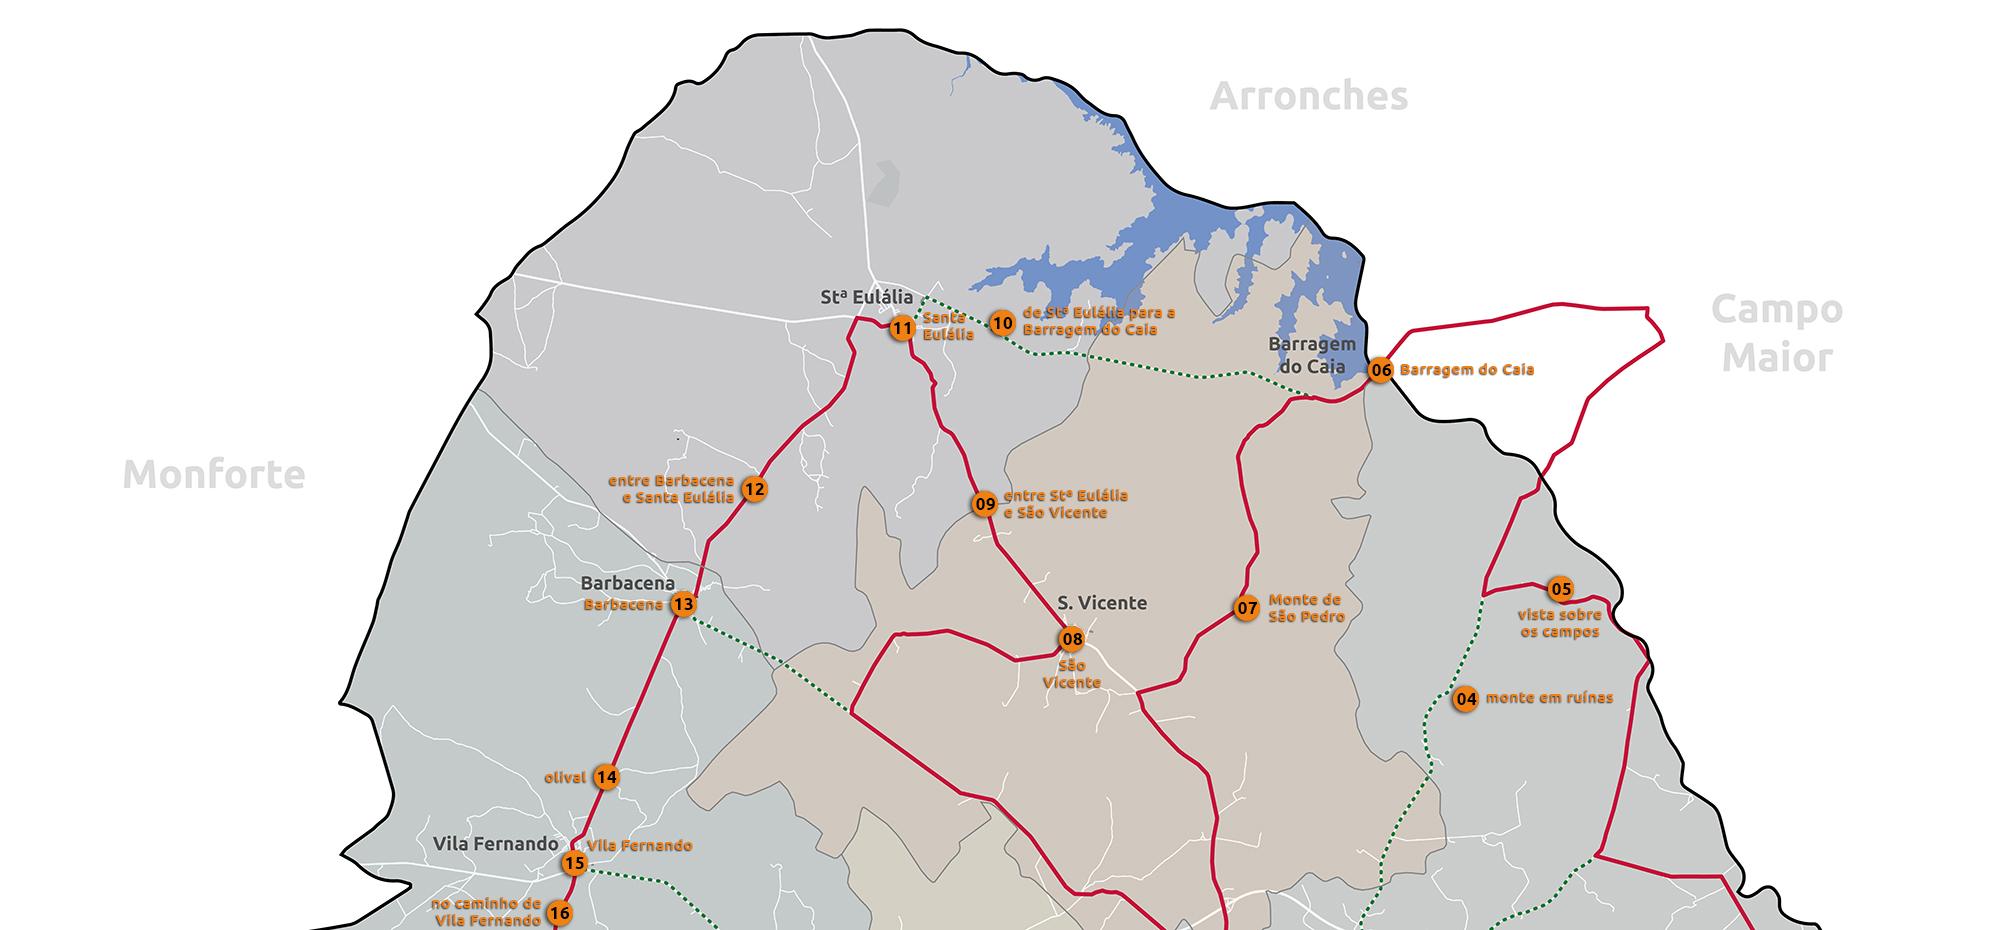 mapa_aumentado_2000x930_elvas_141021-01